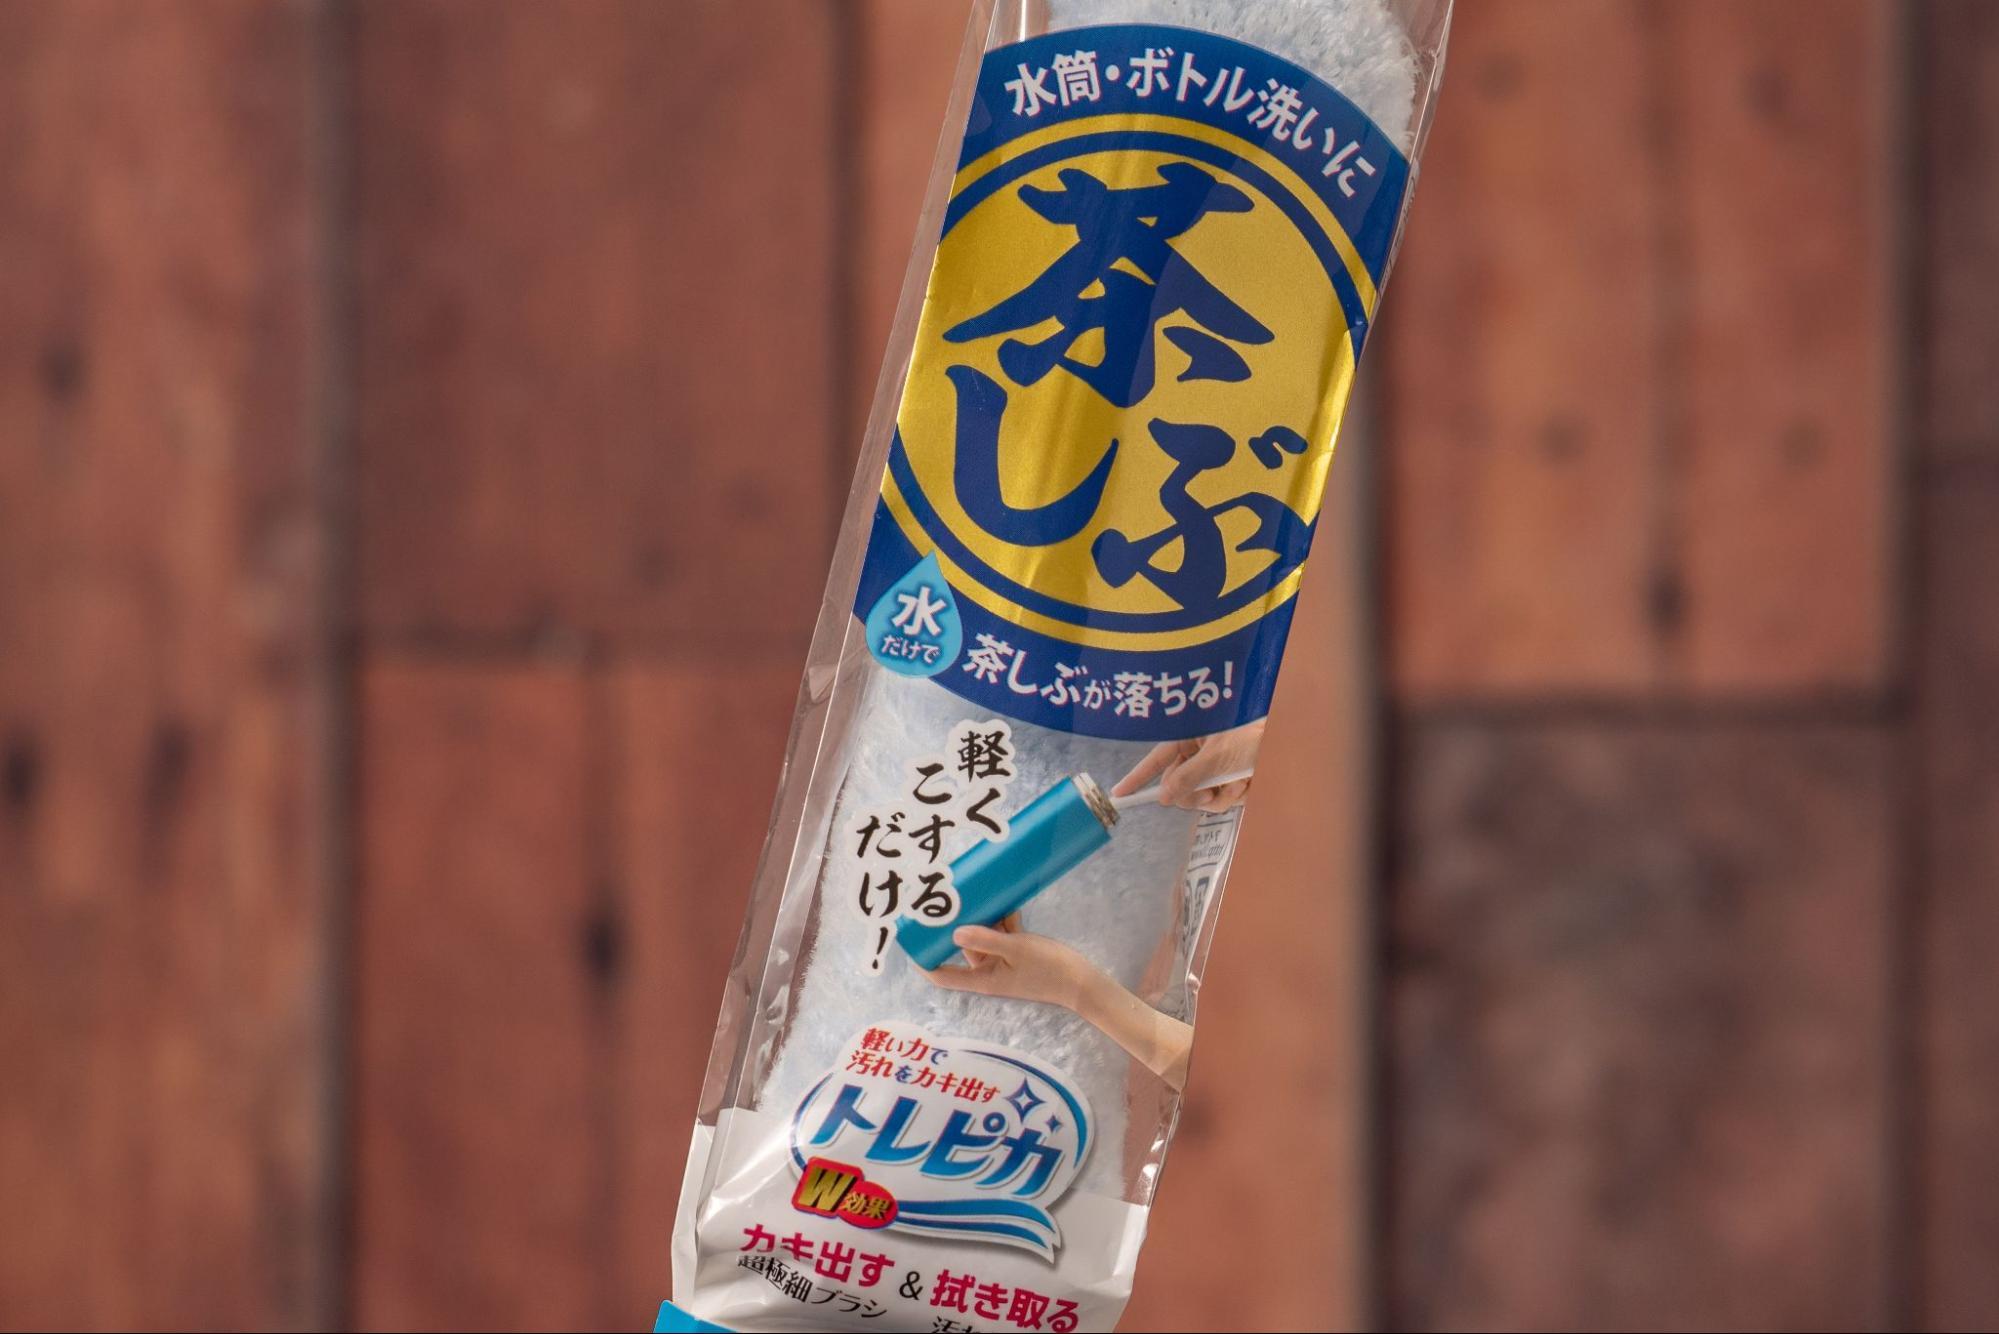 アイキャッチ:汚れ・茶渋がきれいに落ちる「茶しぶボトルクリーナー」で毎日の …